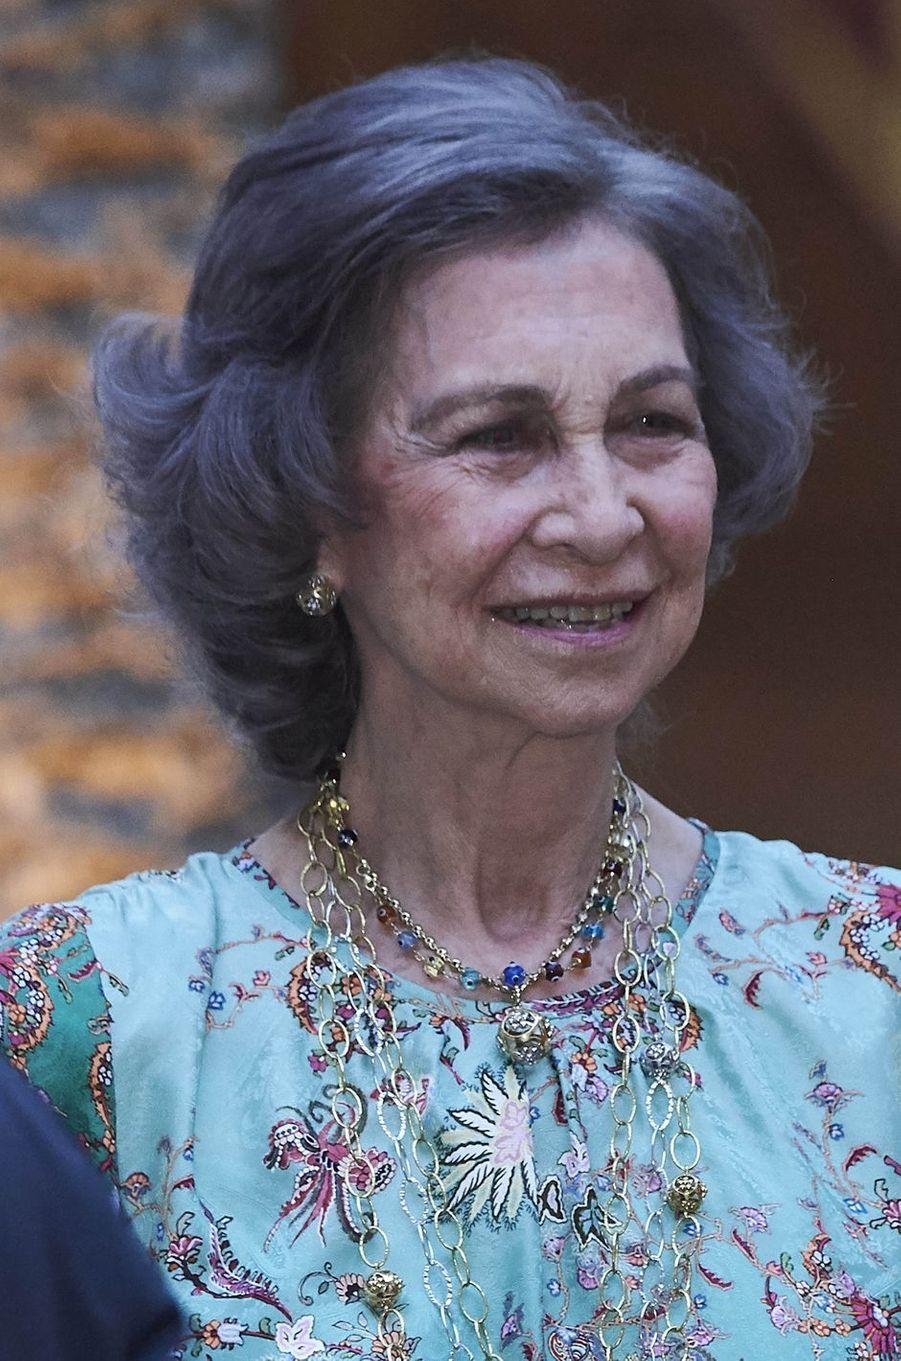 L'ancienne reine d'Espagne Sofia à Palma de Majorque, le 3 août 2018